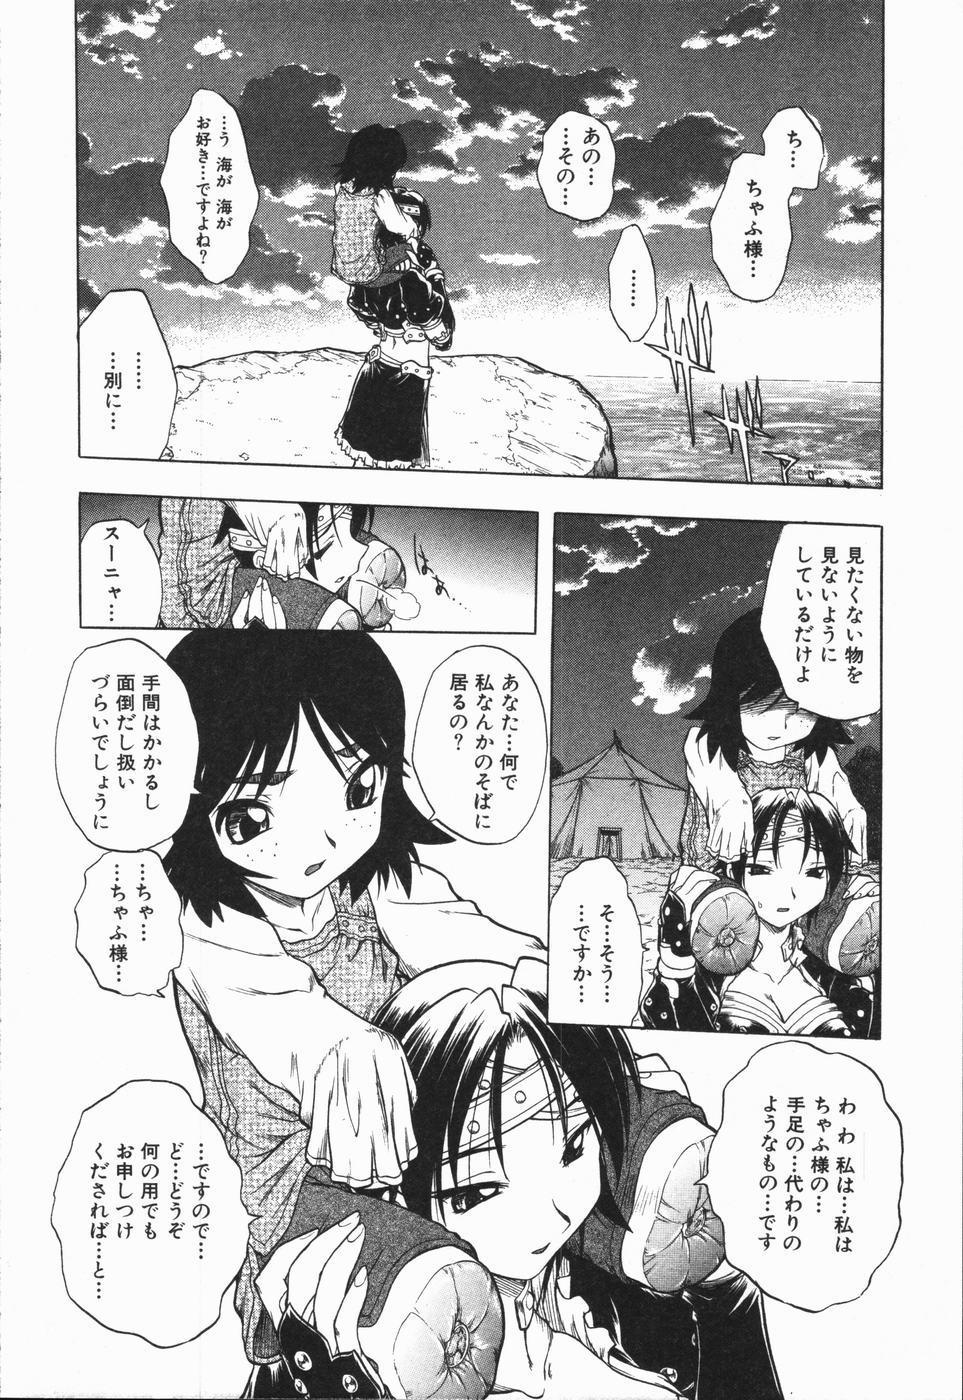 [Oka Sundome] Mebina-tachi no Gogo | -Maybe-na Afternoon- 10